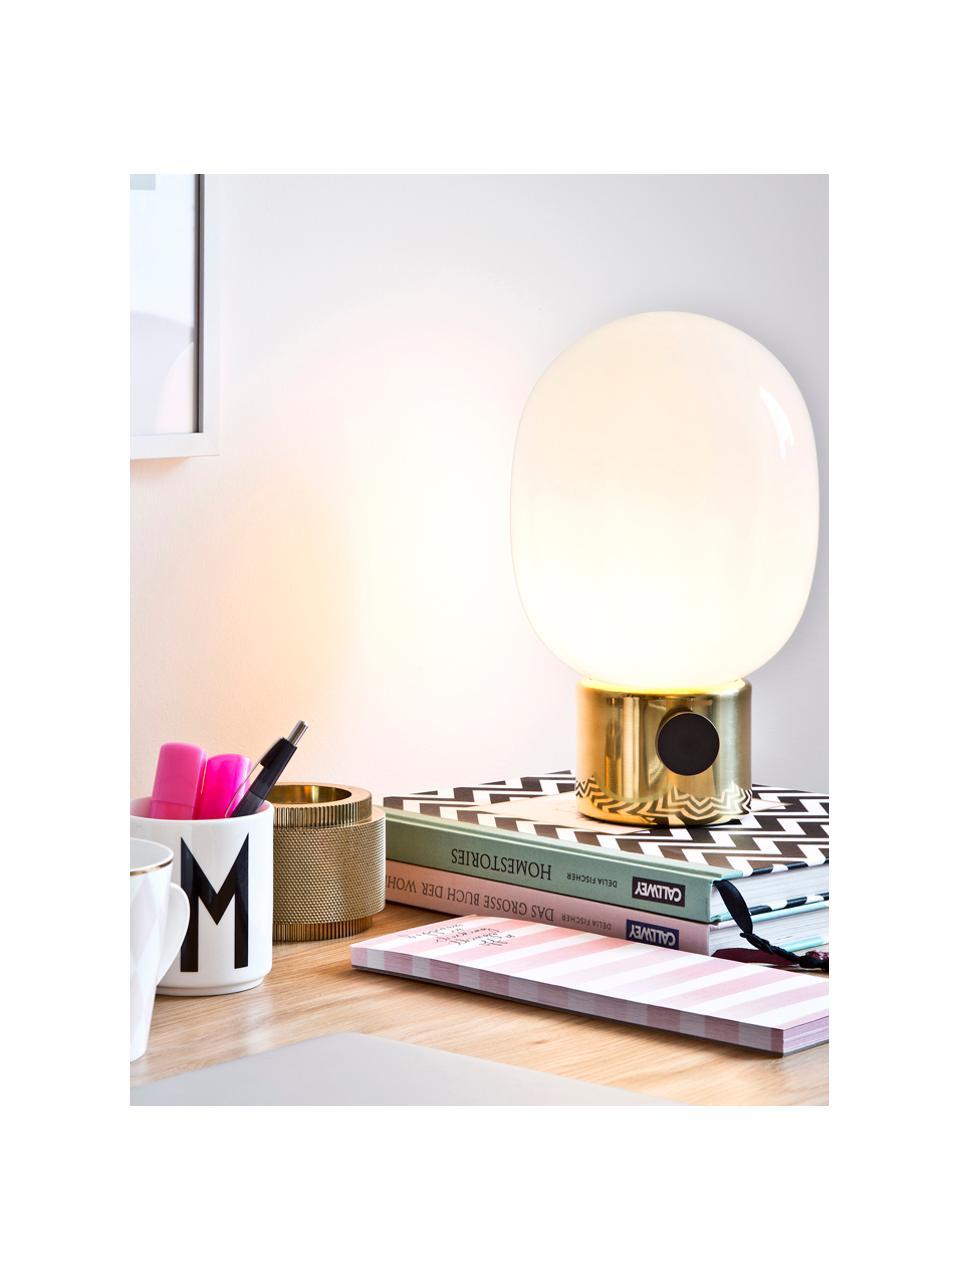 Kleine Dimmbare Nachttischlampe Mine aus Glas, Lampenfuß: Messing, Stahl, poliert, Lampenschirm: Glas, Lampenfuß: Messing, Stahl, poliert Lampenschirm: Weiß, Ø 17 x H 29 cm